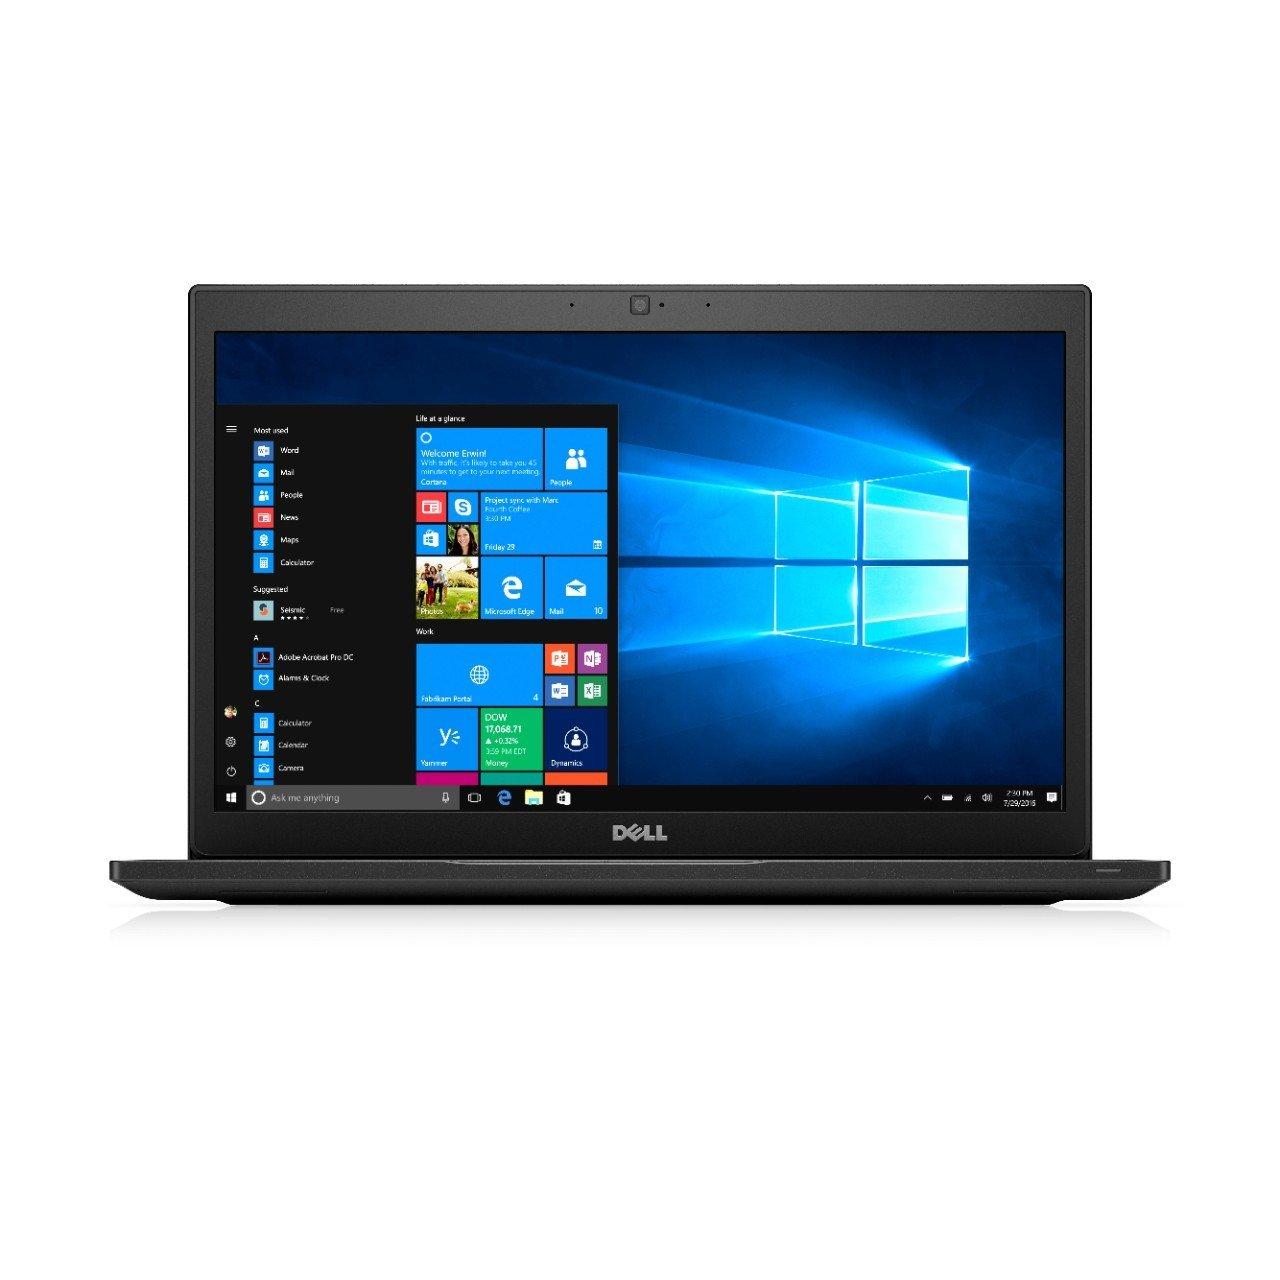 Ultrabook Dell Latitude 7480 14 Full HD Intel Core i7-7600U RAM 16GB SSD 256GB Windows 10 Pro